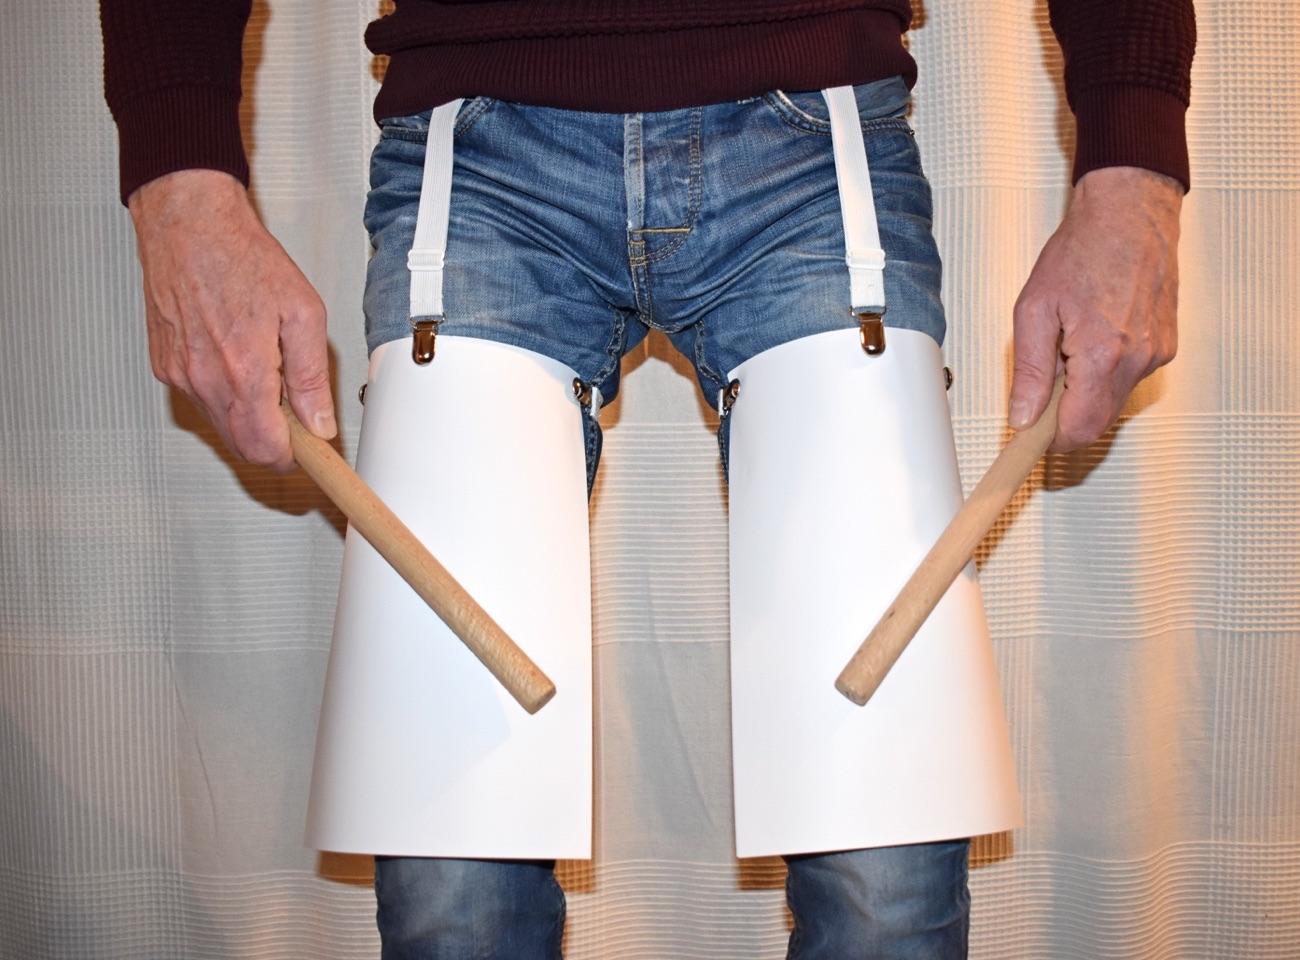 Präpariertes Bein » Papier (DIN A4) mit Bettlakenspanner befestigt